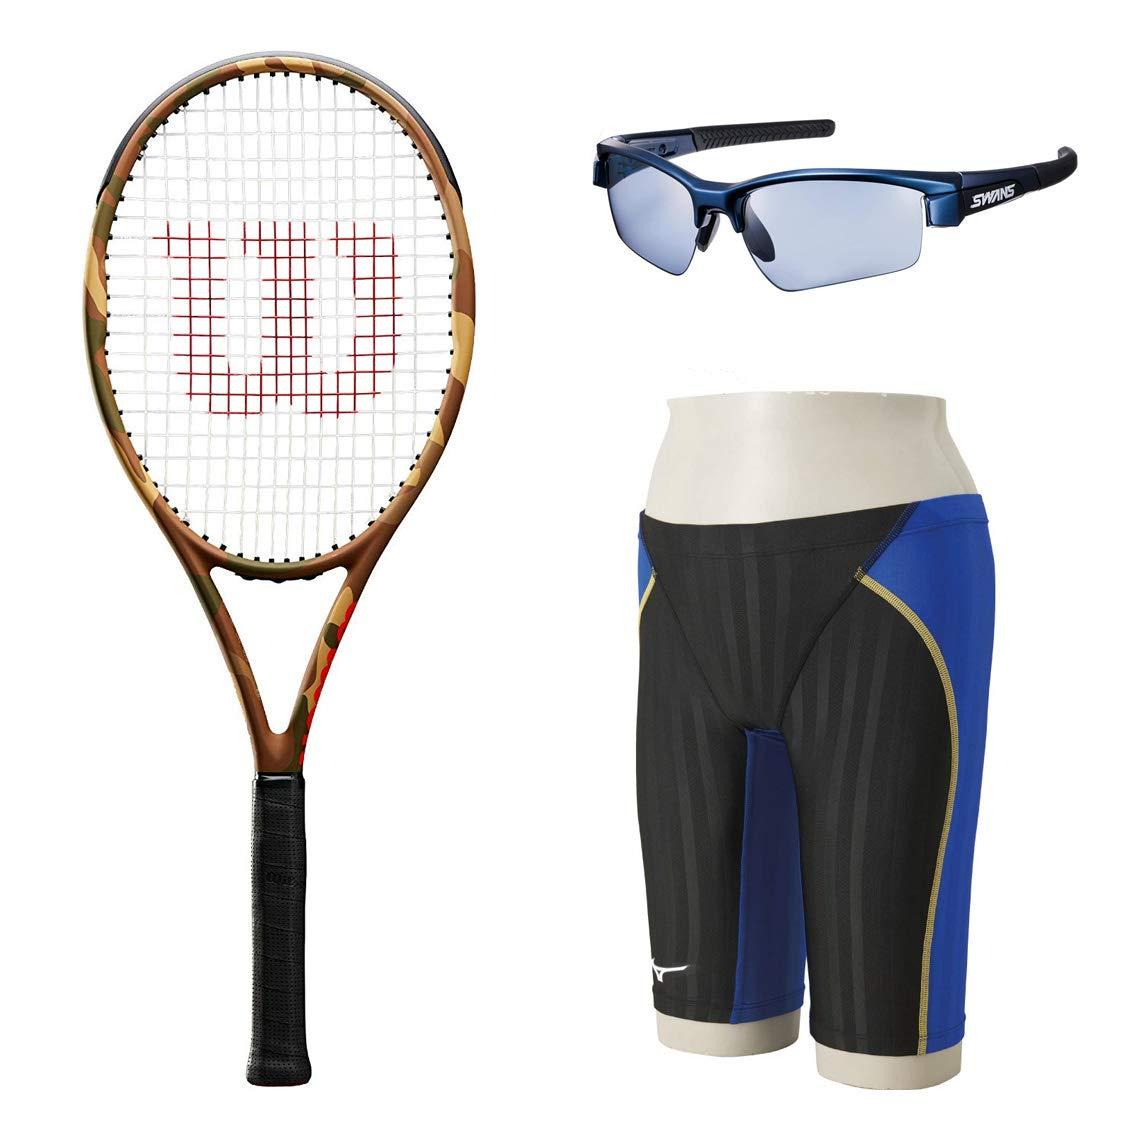 【本日限定】スポーツ用品セール 水泳・テニス・野球用品など